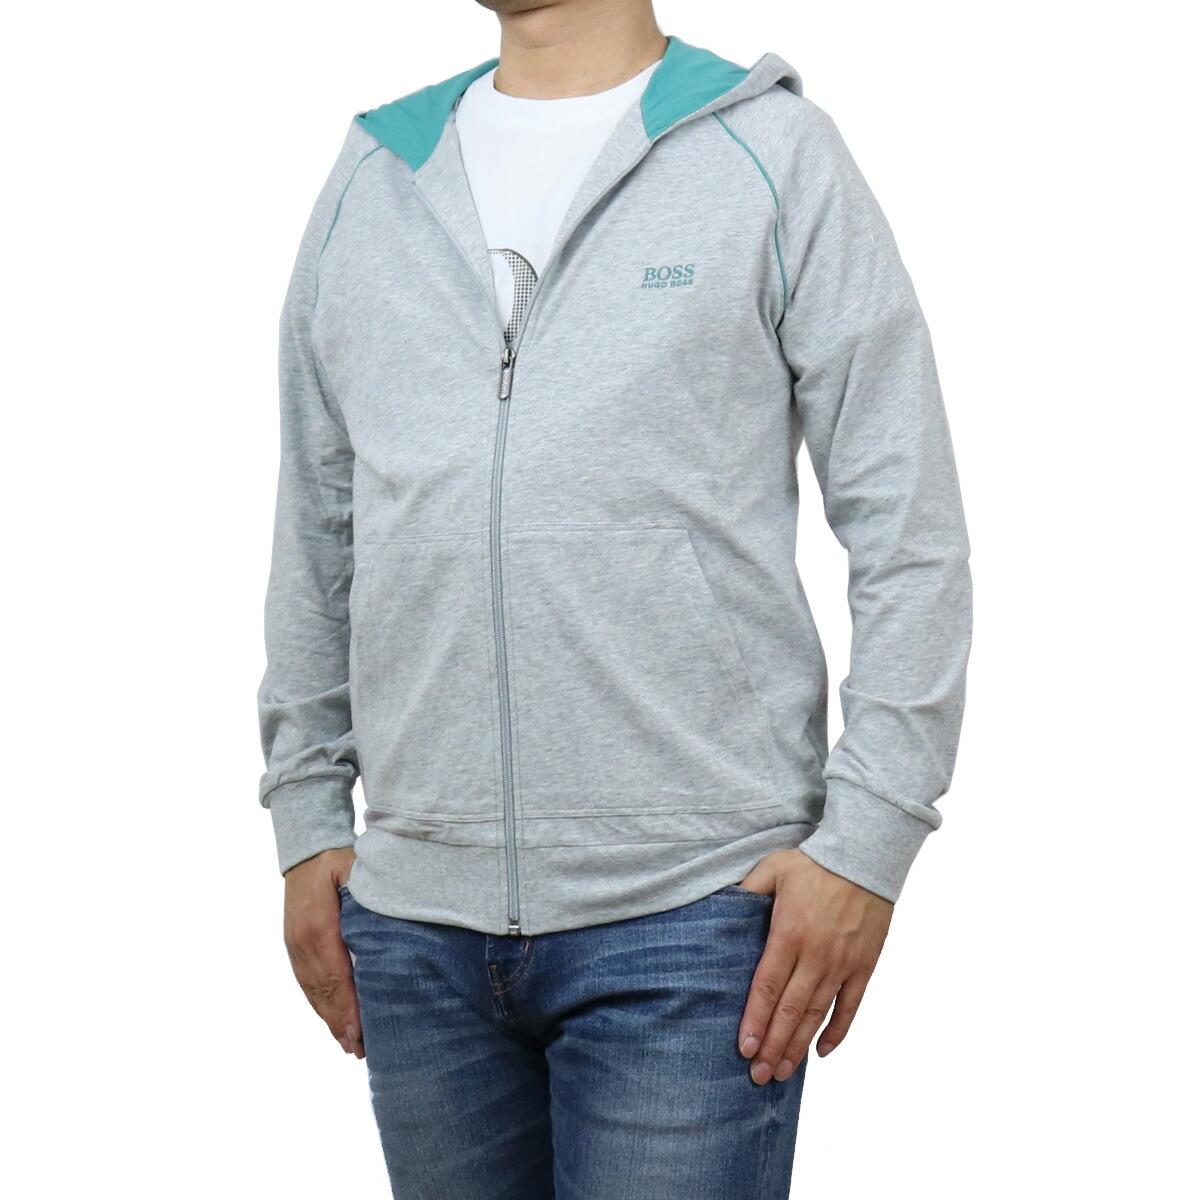 ヒューゴ・ボス HUGO BOSS  メンズ-パーカー 50381879 10143871 040 グレー系 apparel-01 sale-8